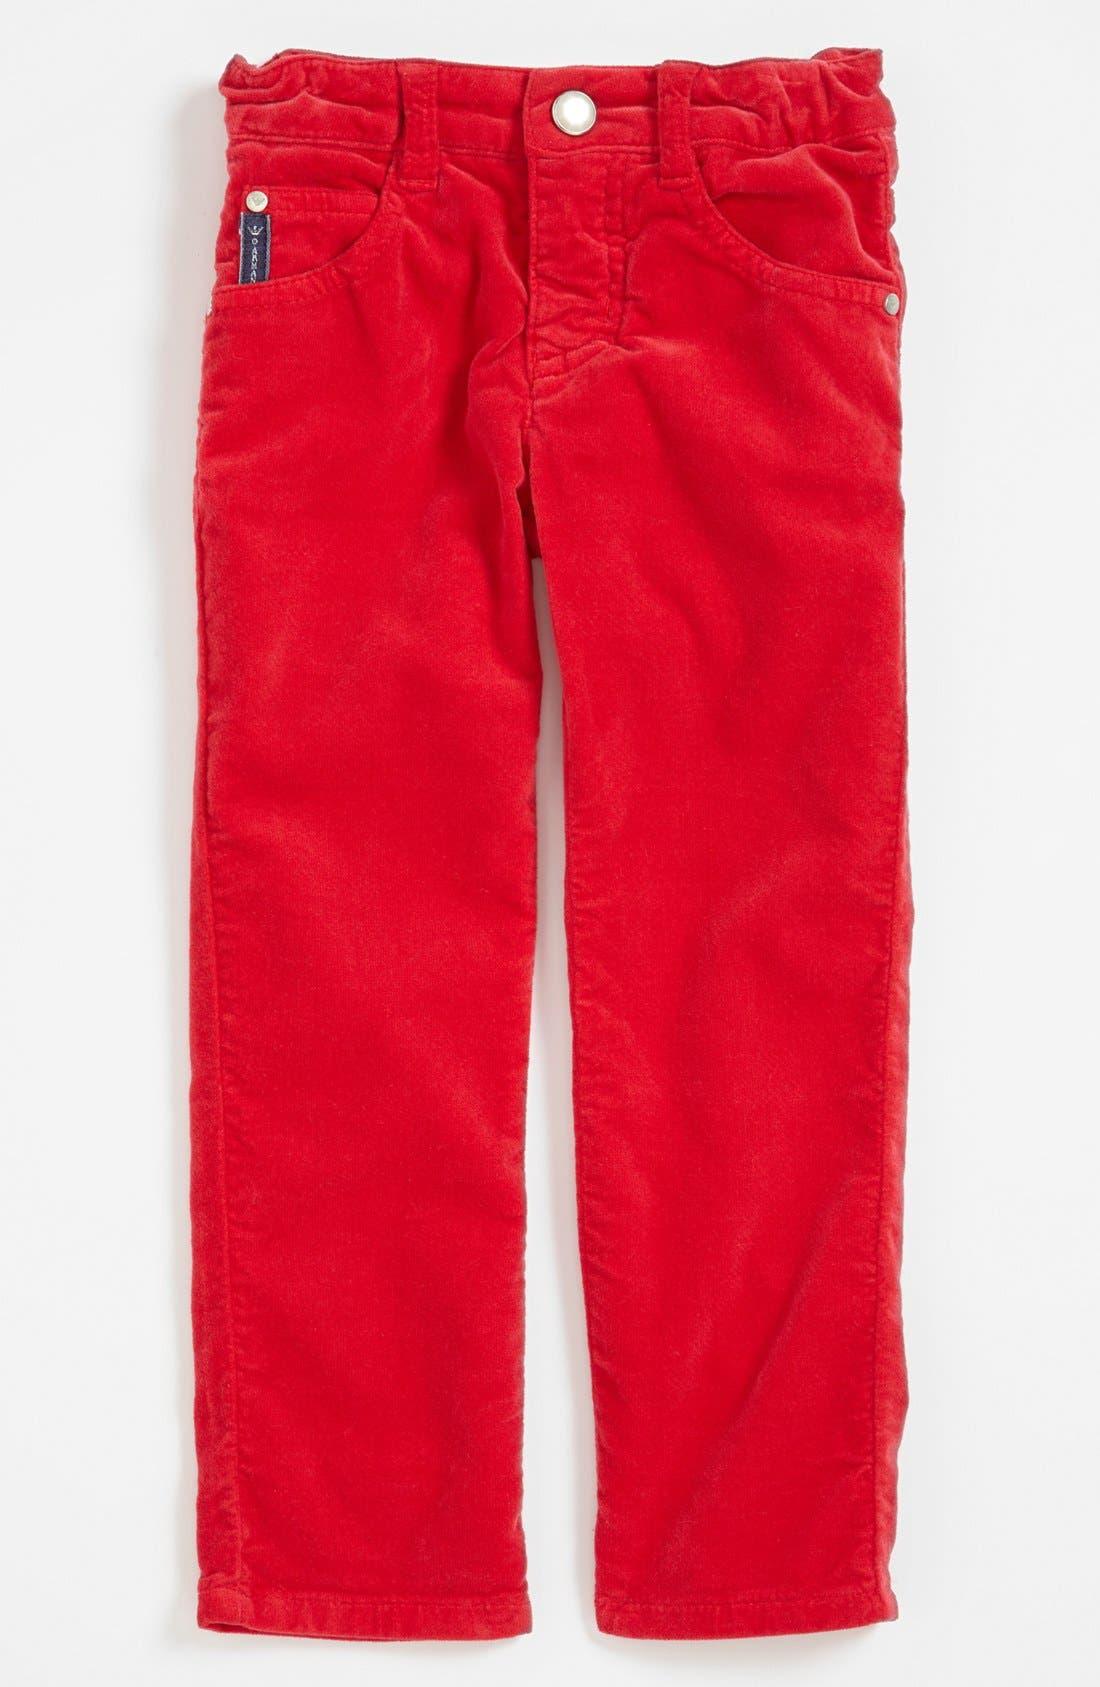 Alternate Image 1 Selected - Armani Junior Corduroy Pants (Toddler Girls, Little Girls & Big Girls)